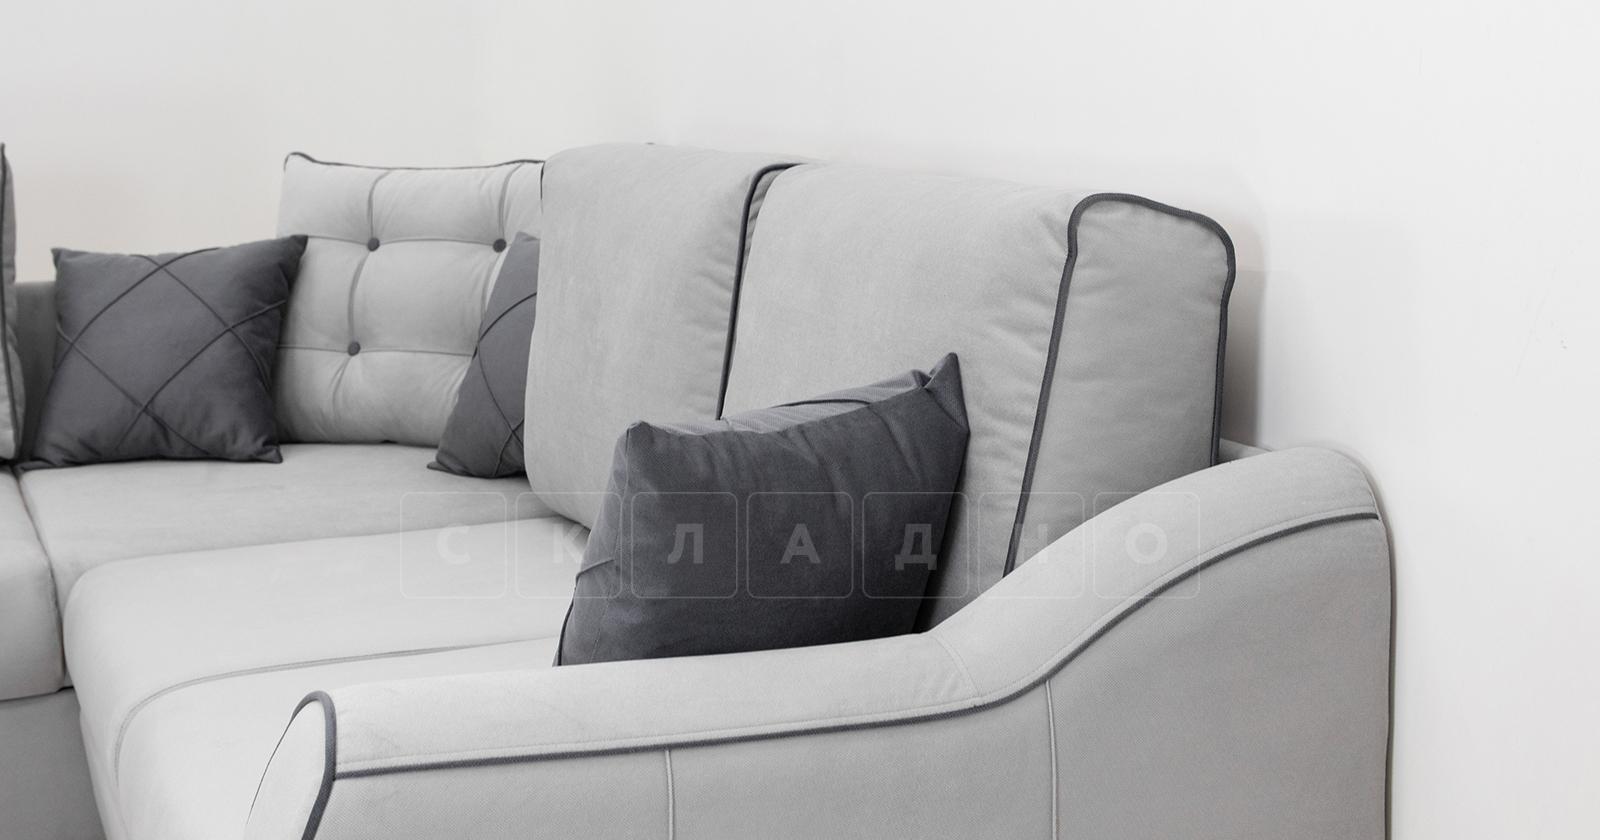 Диван-кровать угловой Флэтфорд светло-серый фото 13 | интернет-магазин Складно